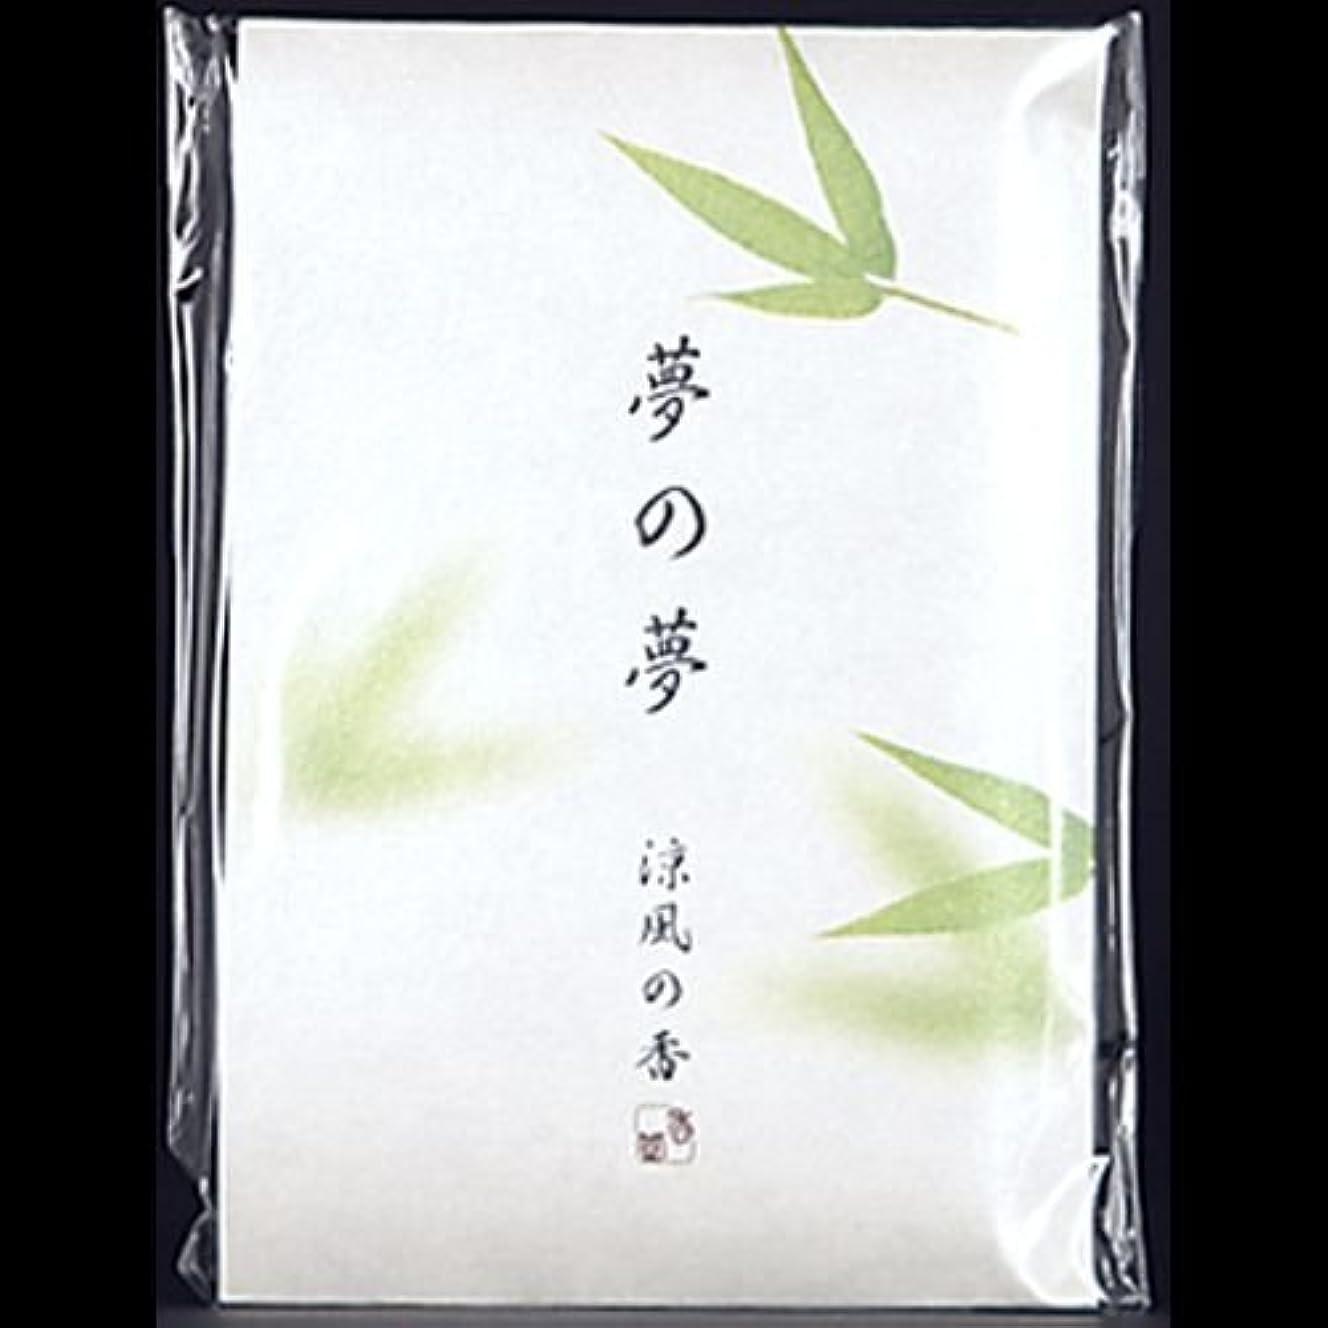 略奪肉屋マイル【まとめ買い】夢の夢 涼風の香 (笹) スティック12本入 ×2セット